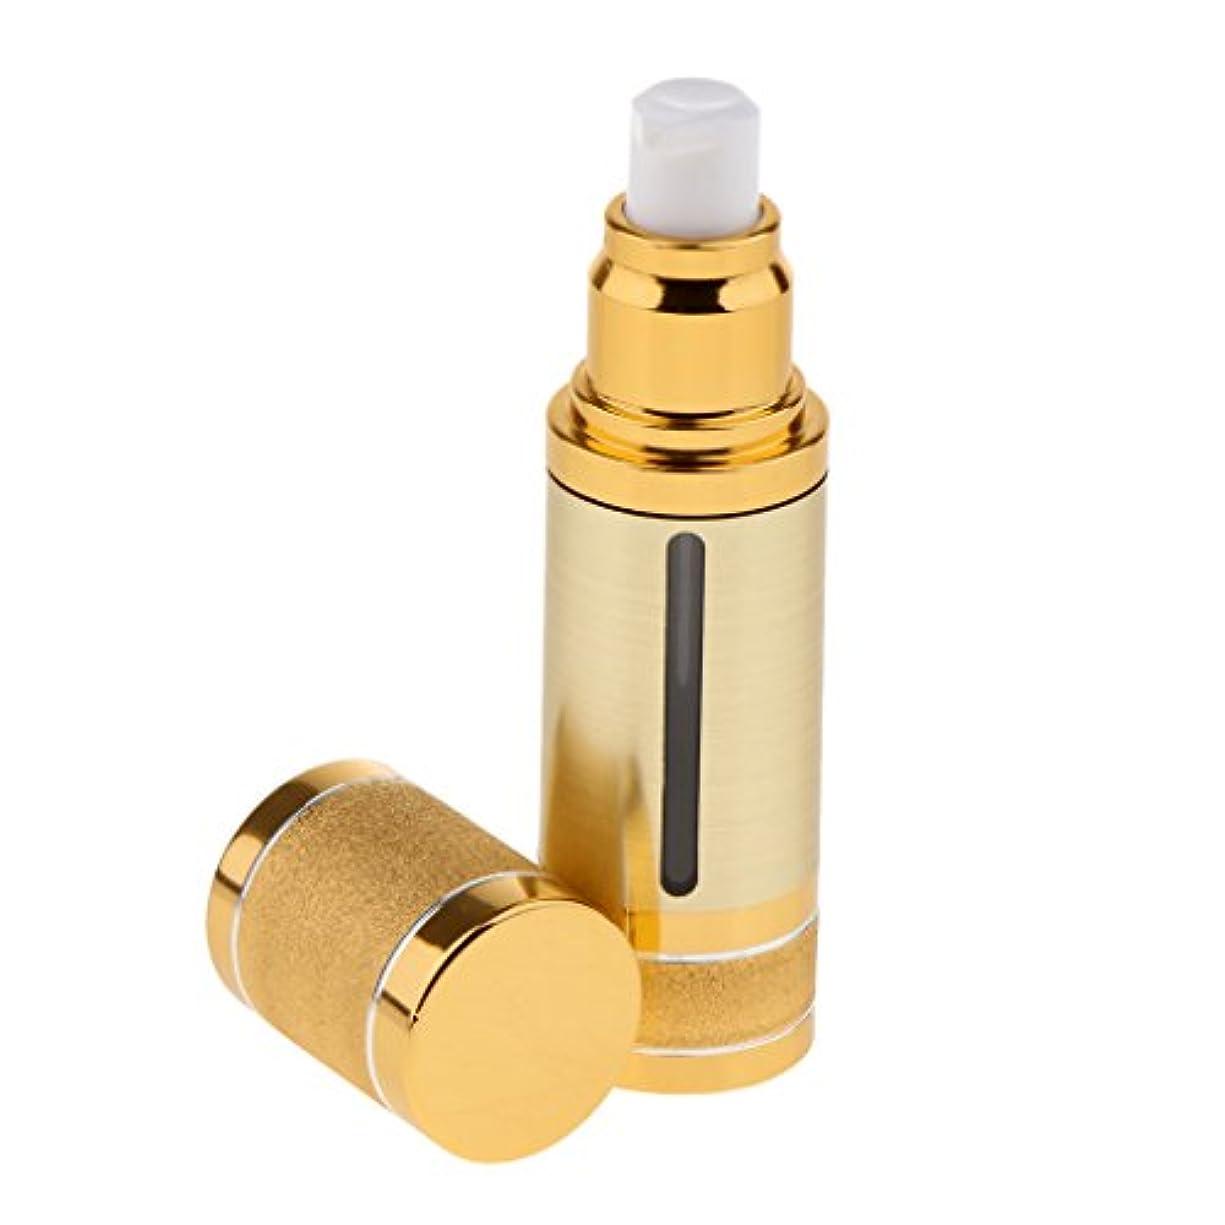 回転する制限一回ポンプボトル 空ボトル エアレスボトル 30ml ローション クリーム 化粧品 詰め替え 容器 DIY 2色選べる - ゴールド